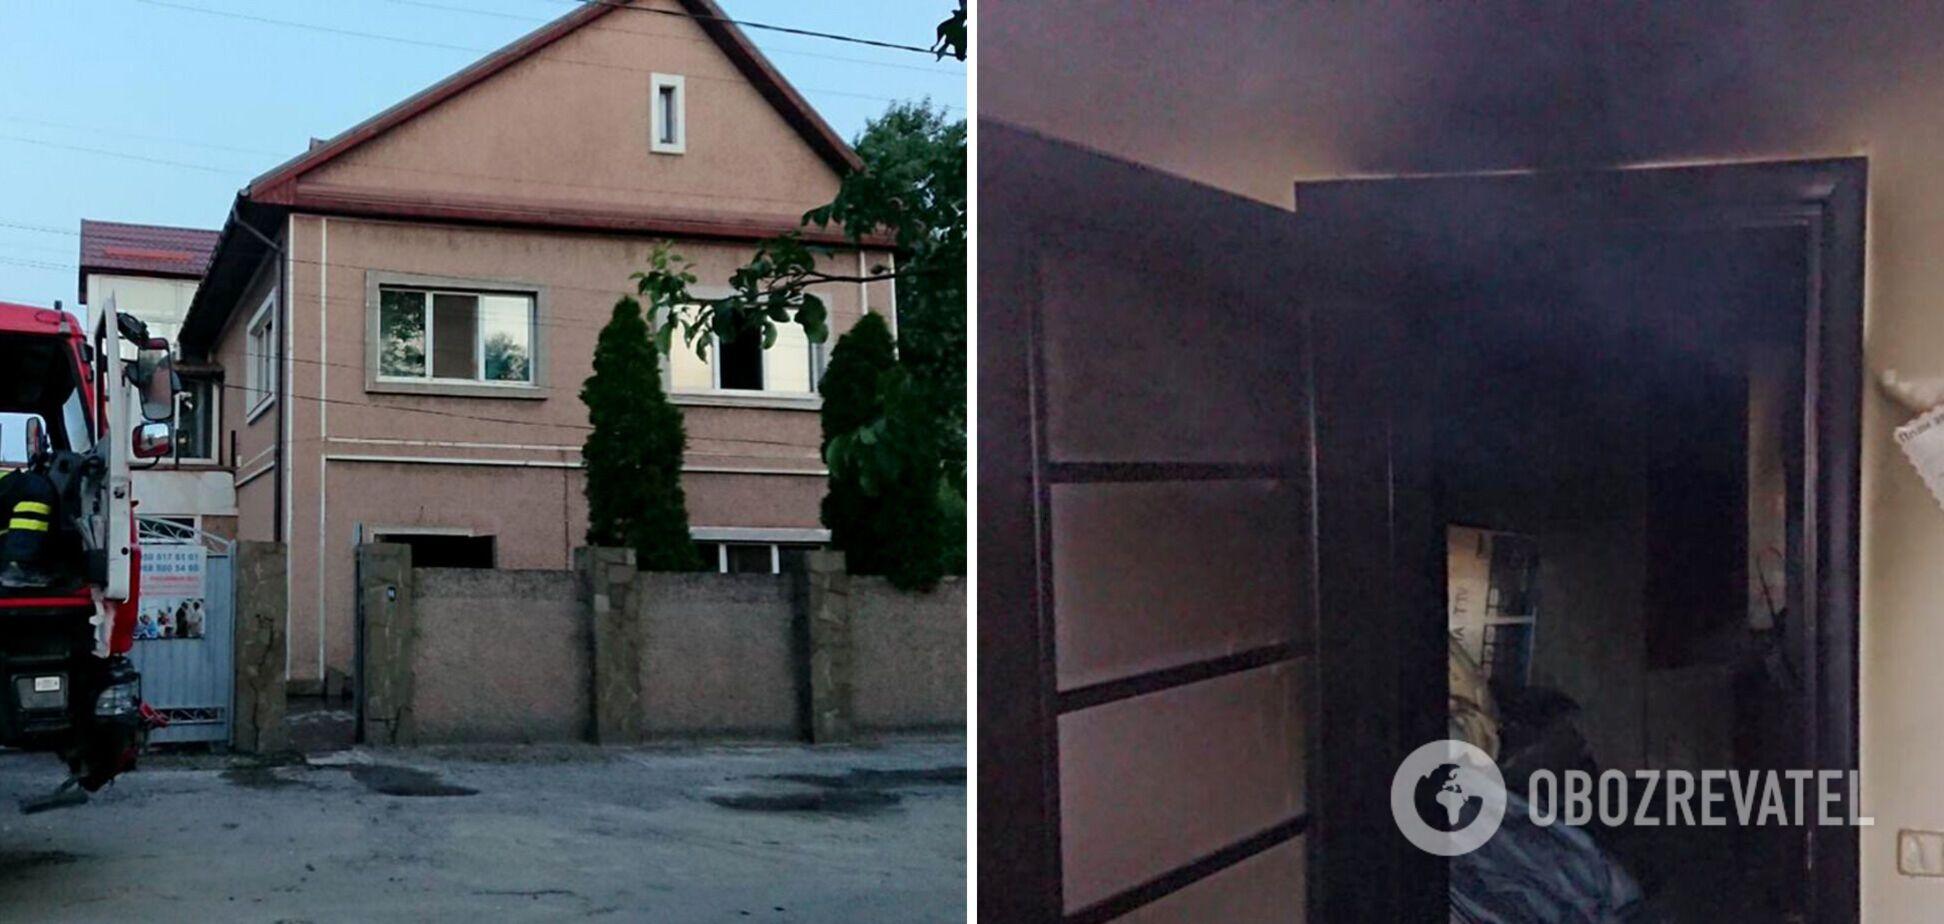 В Кривом Роге горел частный дом престарелых: спасены более 20 человек. Фото и видео